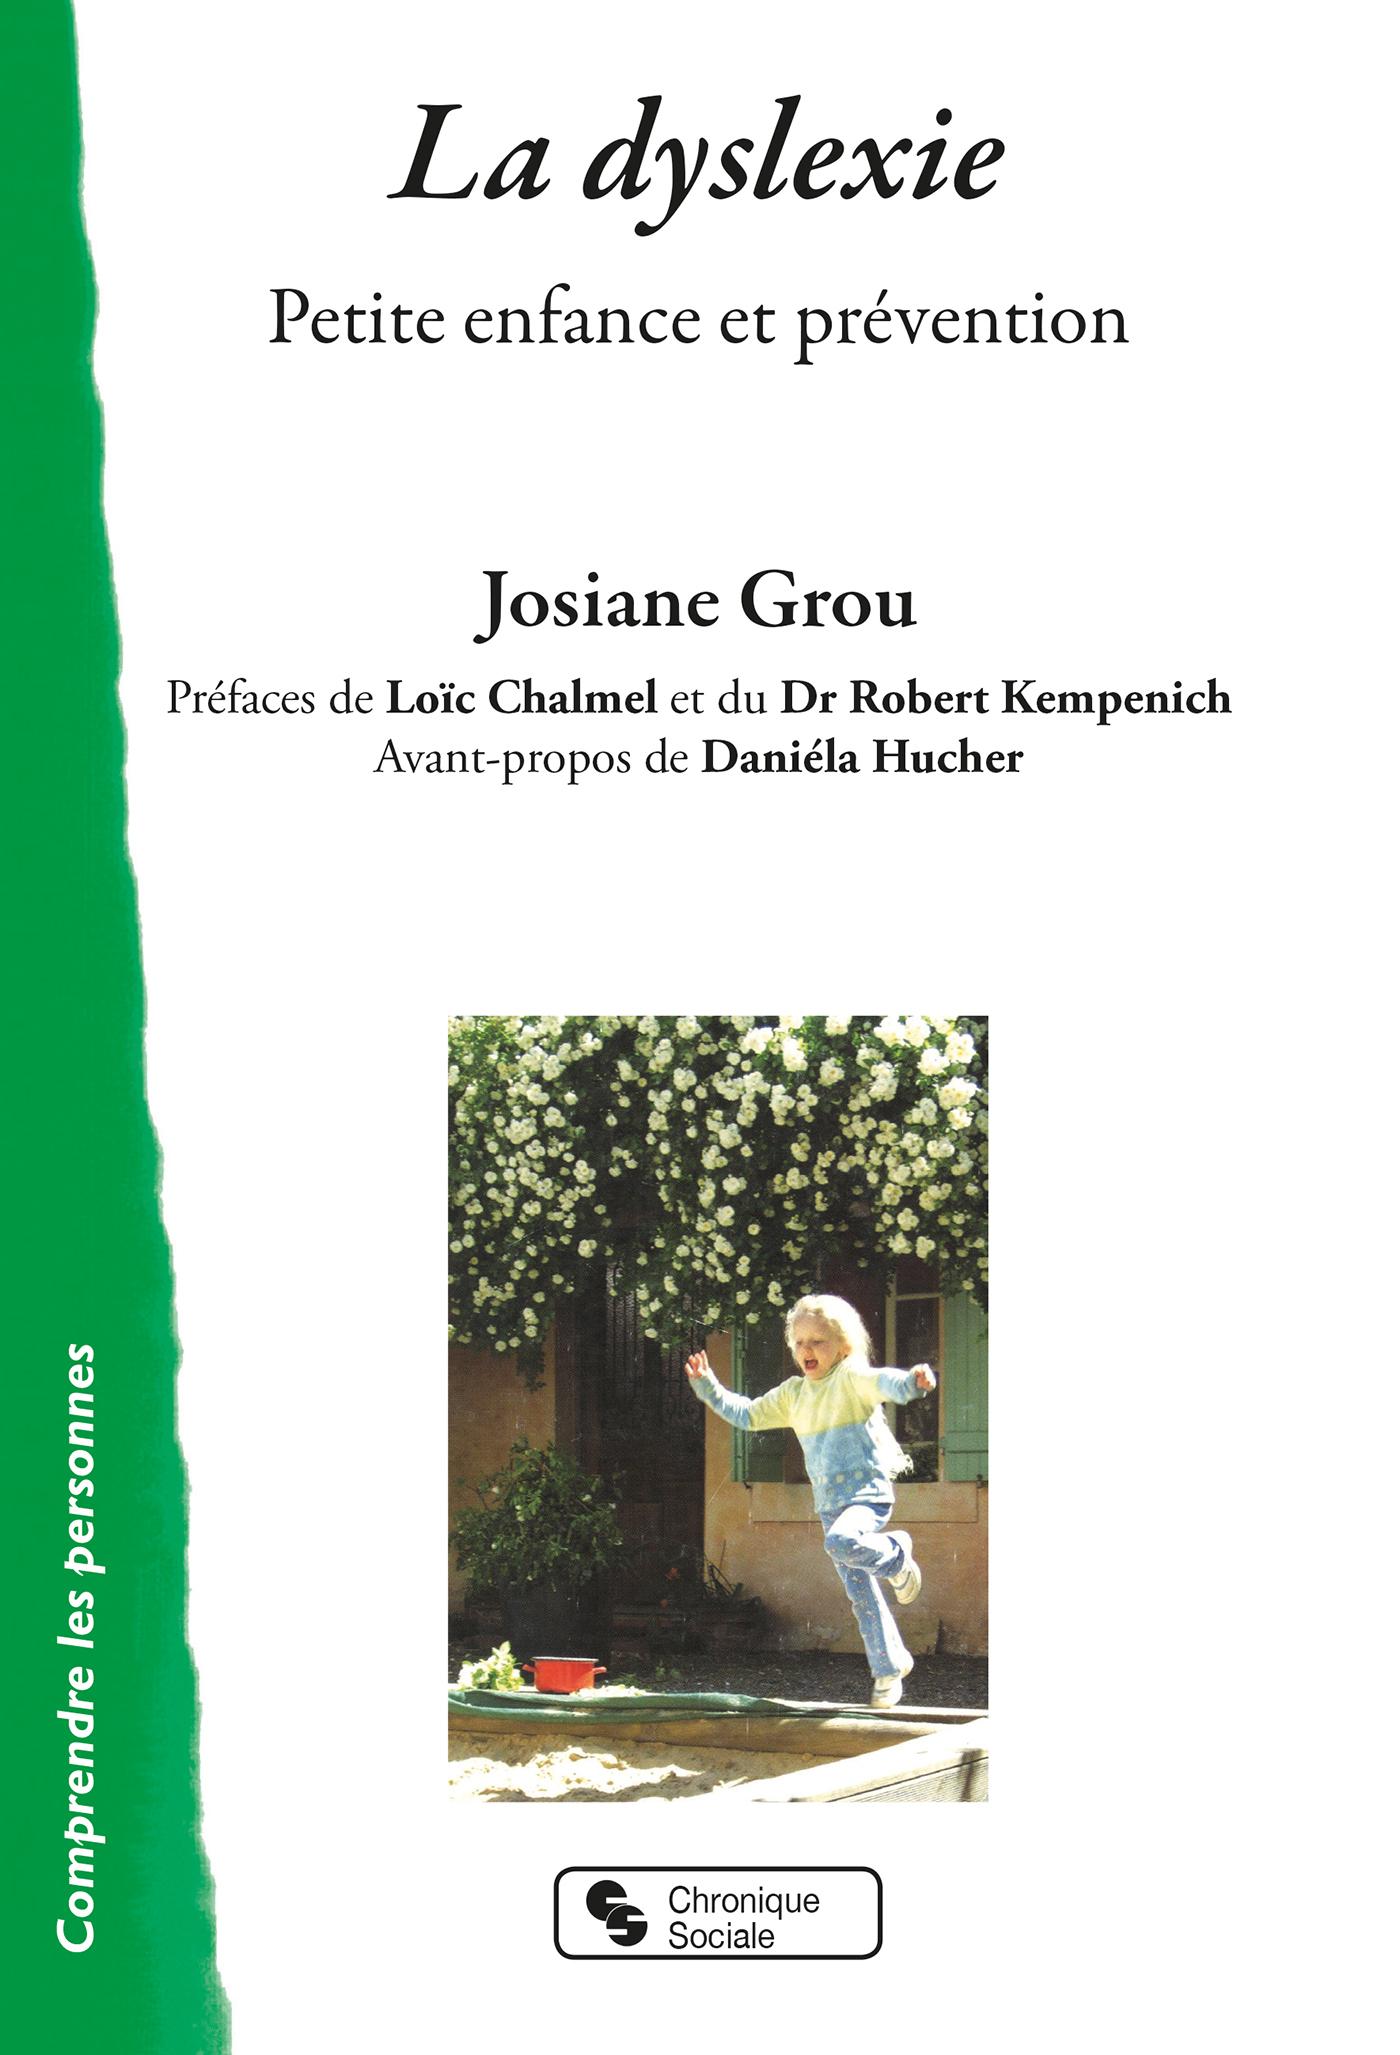 LA DYSLEXIE - PETITE ENFANCE ET PREVENTION